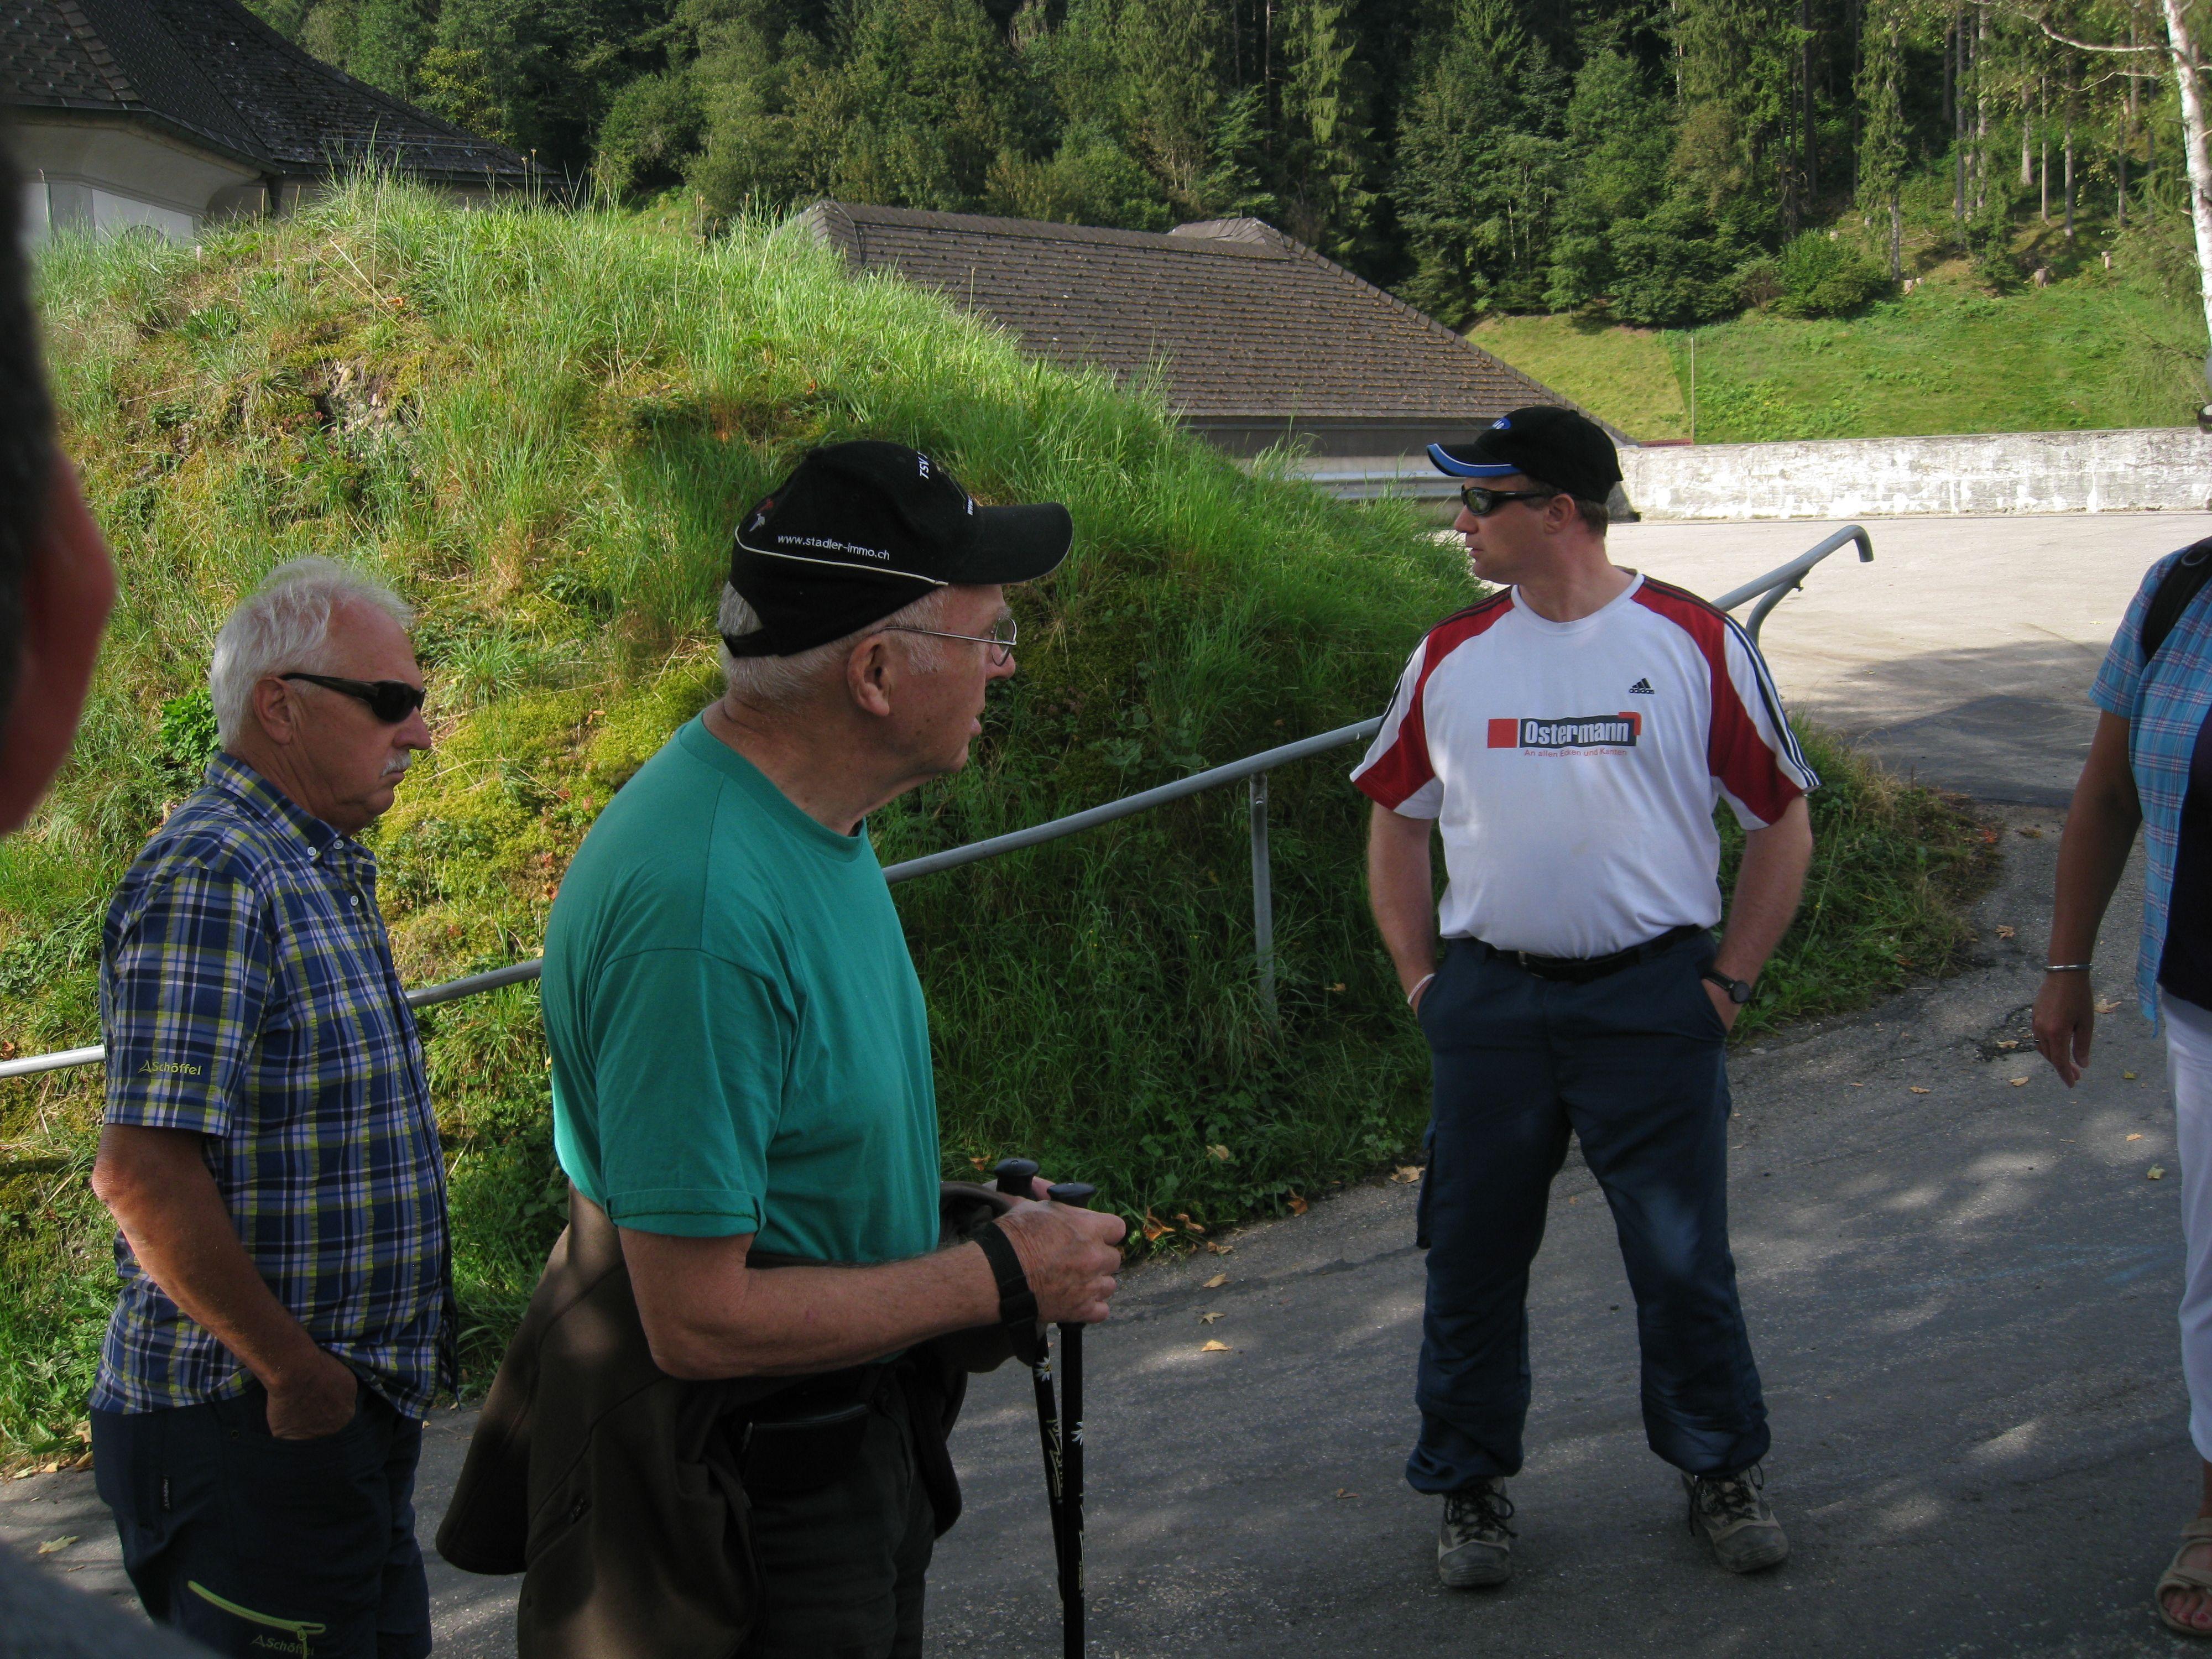 2016-09-04-Entlebuch-014-IMG_5081